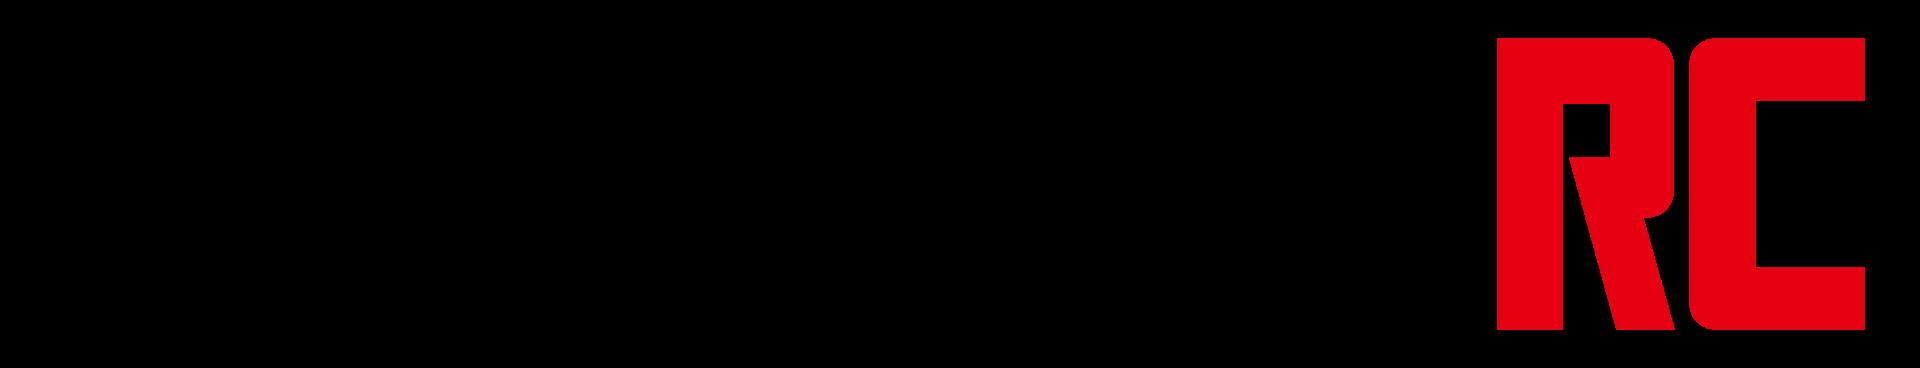 パンドラ RC (PANDORA RC)